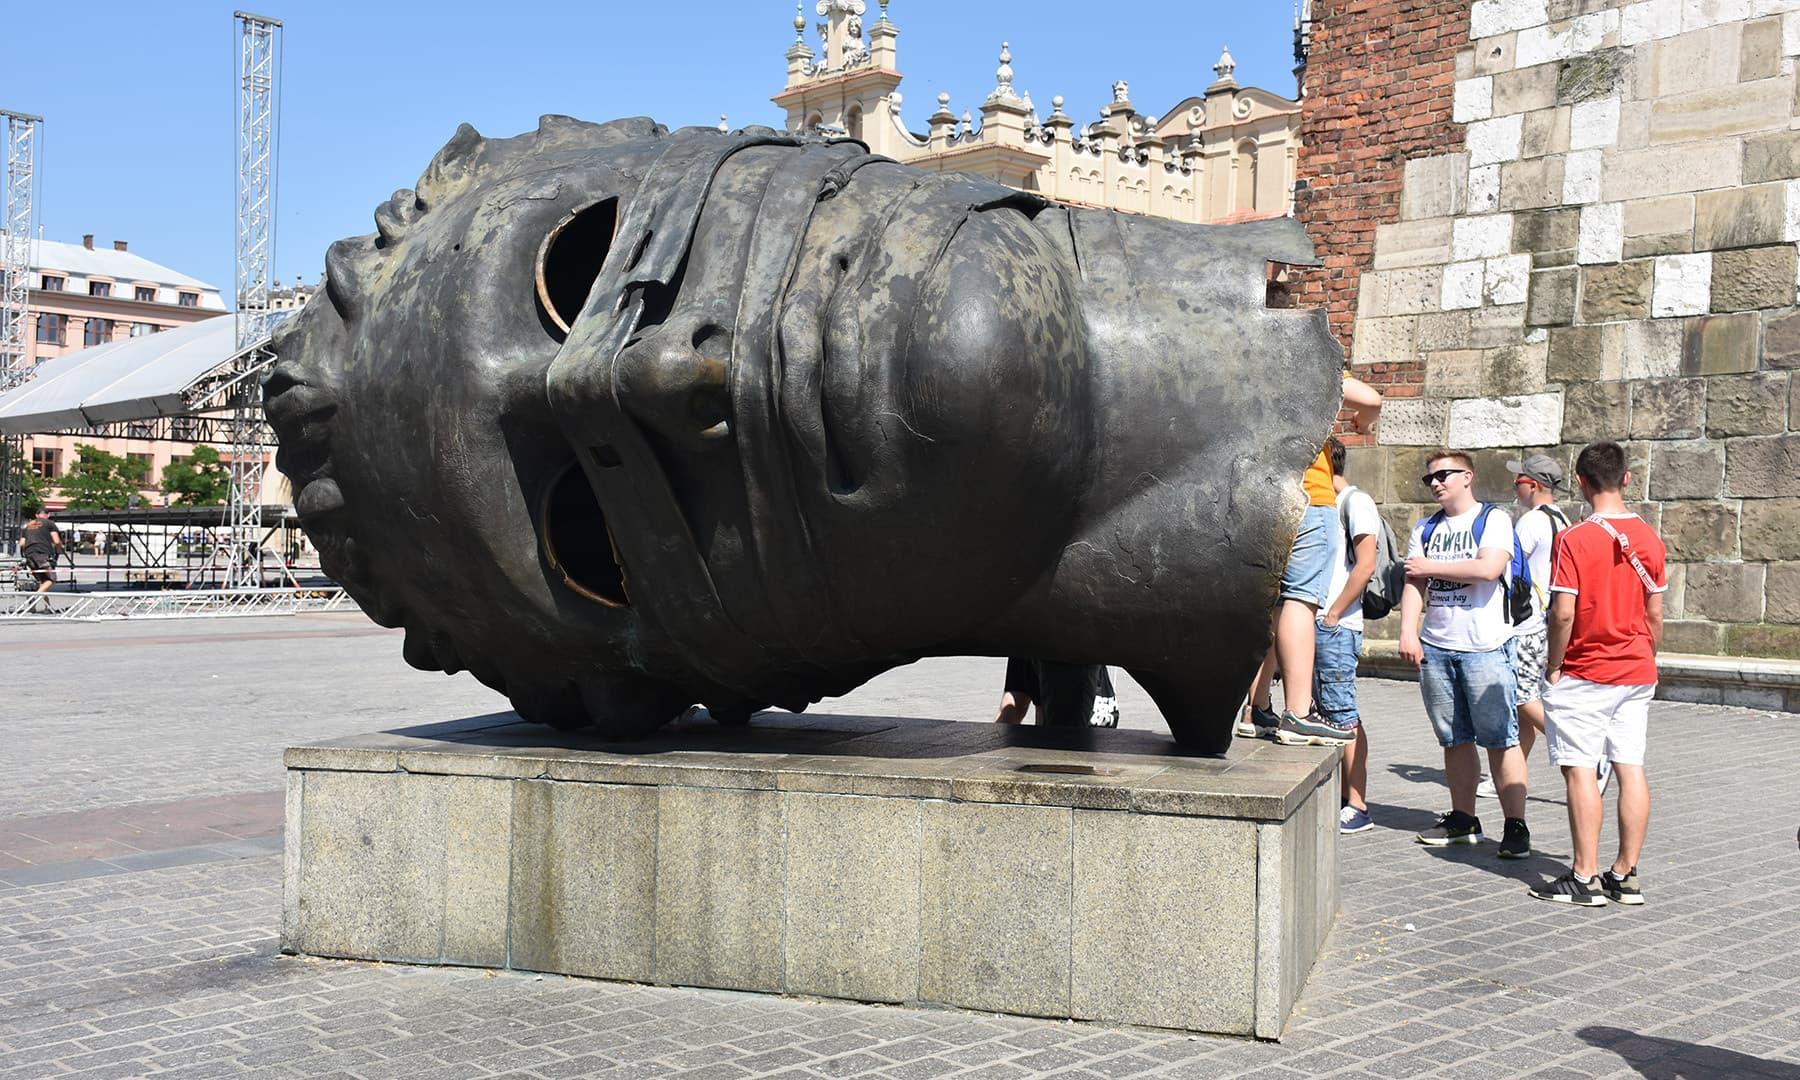 ٹاؤن ہال کے پاس رکھا ہوا ایک مجسمہ